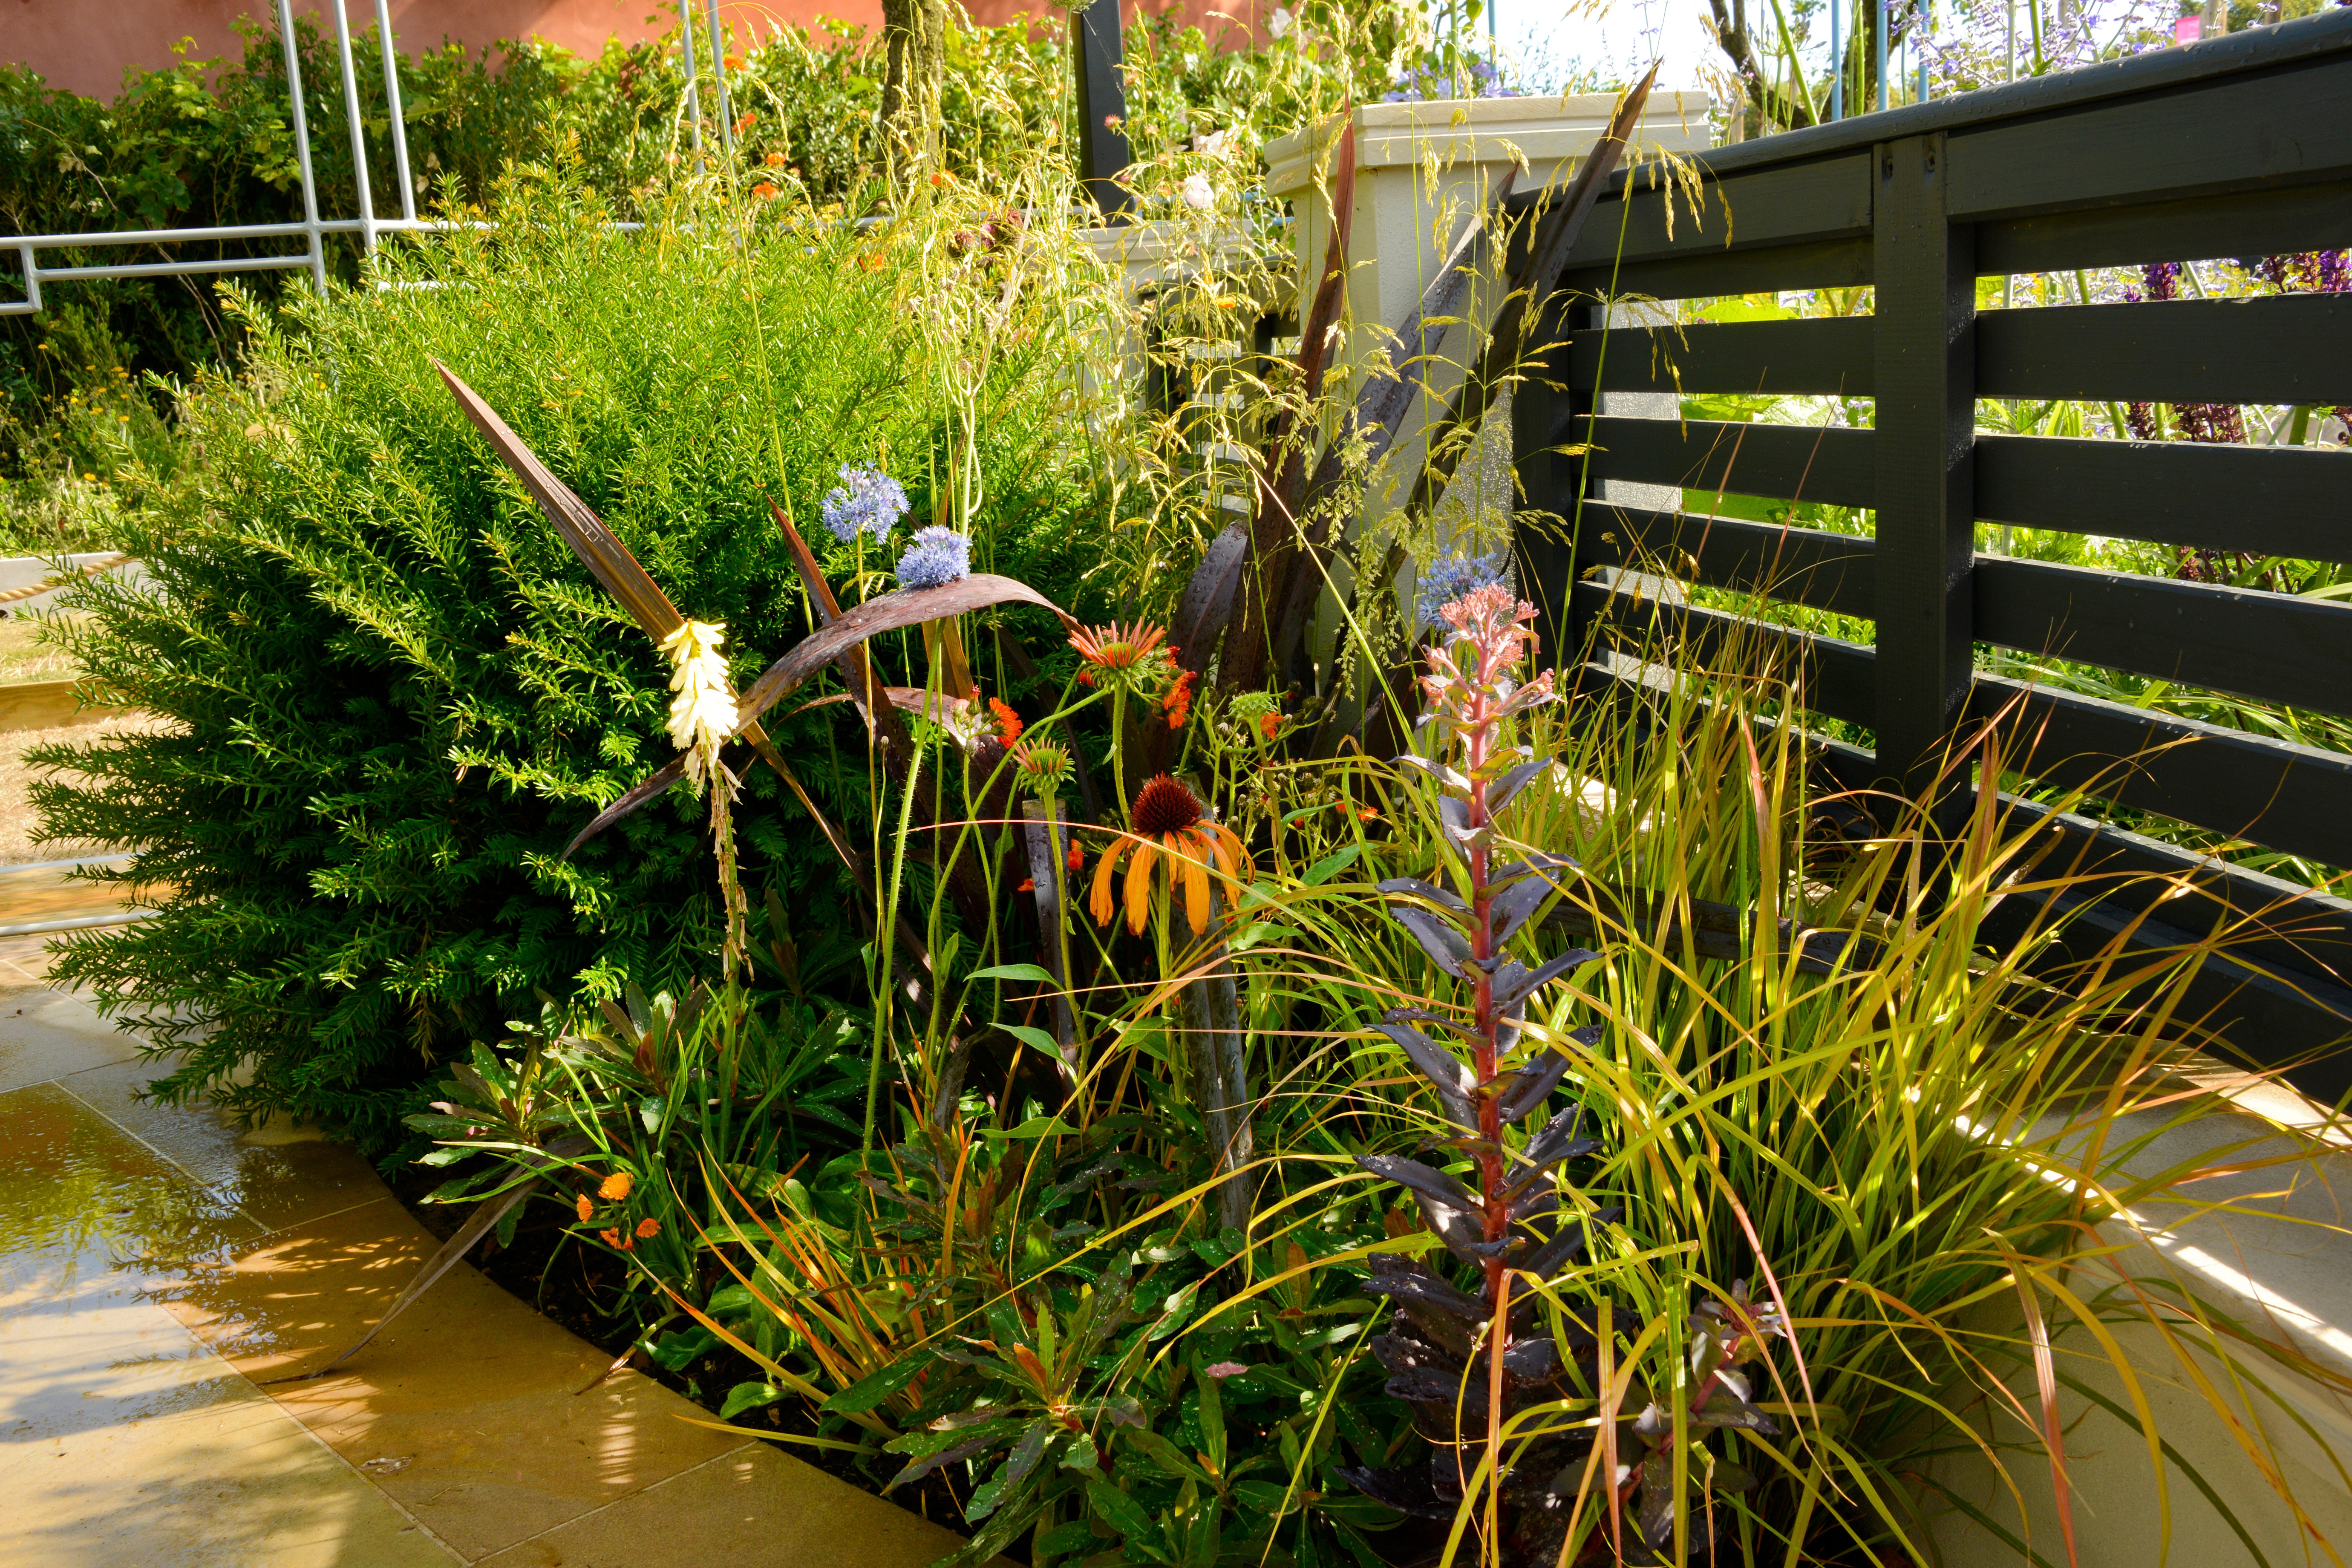 Garden Designer London & Surrey - Alladio Sims Garden Landscape Design